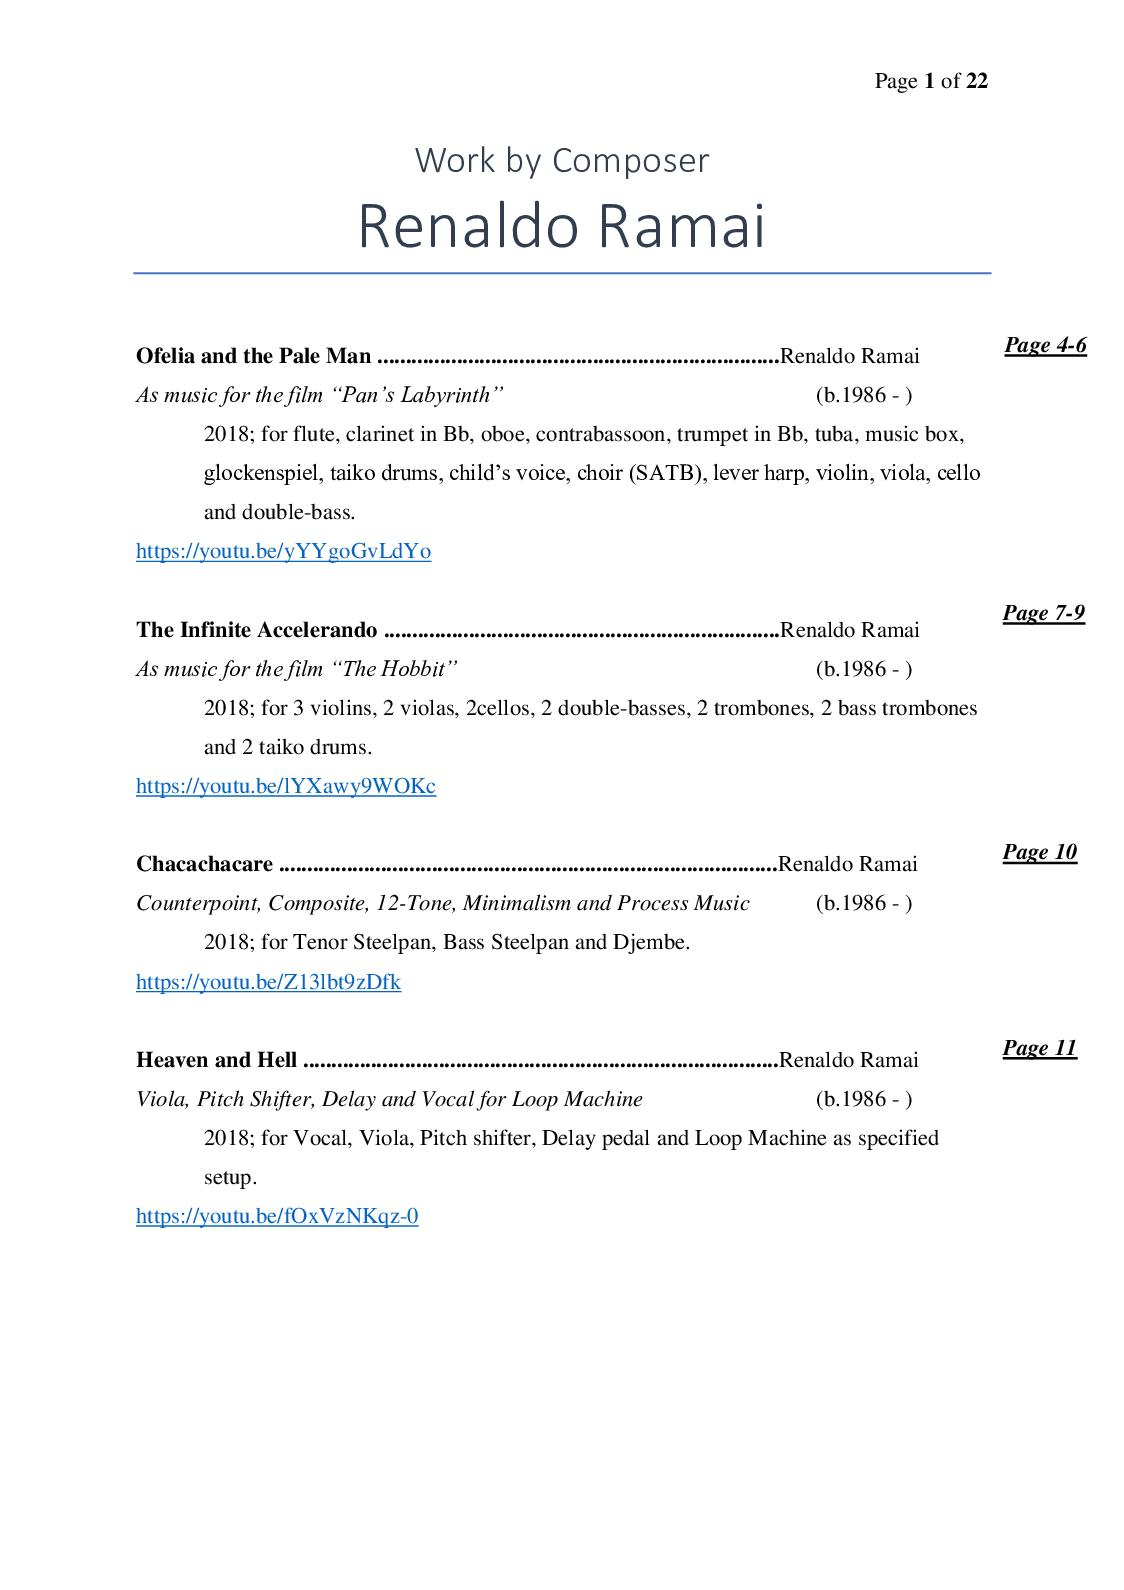 Calaméo - Renaldo Ramai 2018 Composition Portfolio